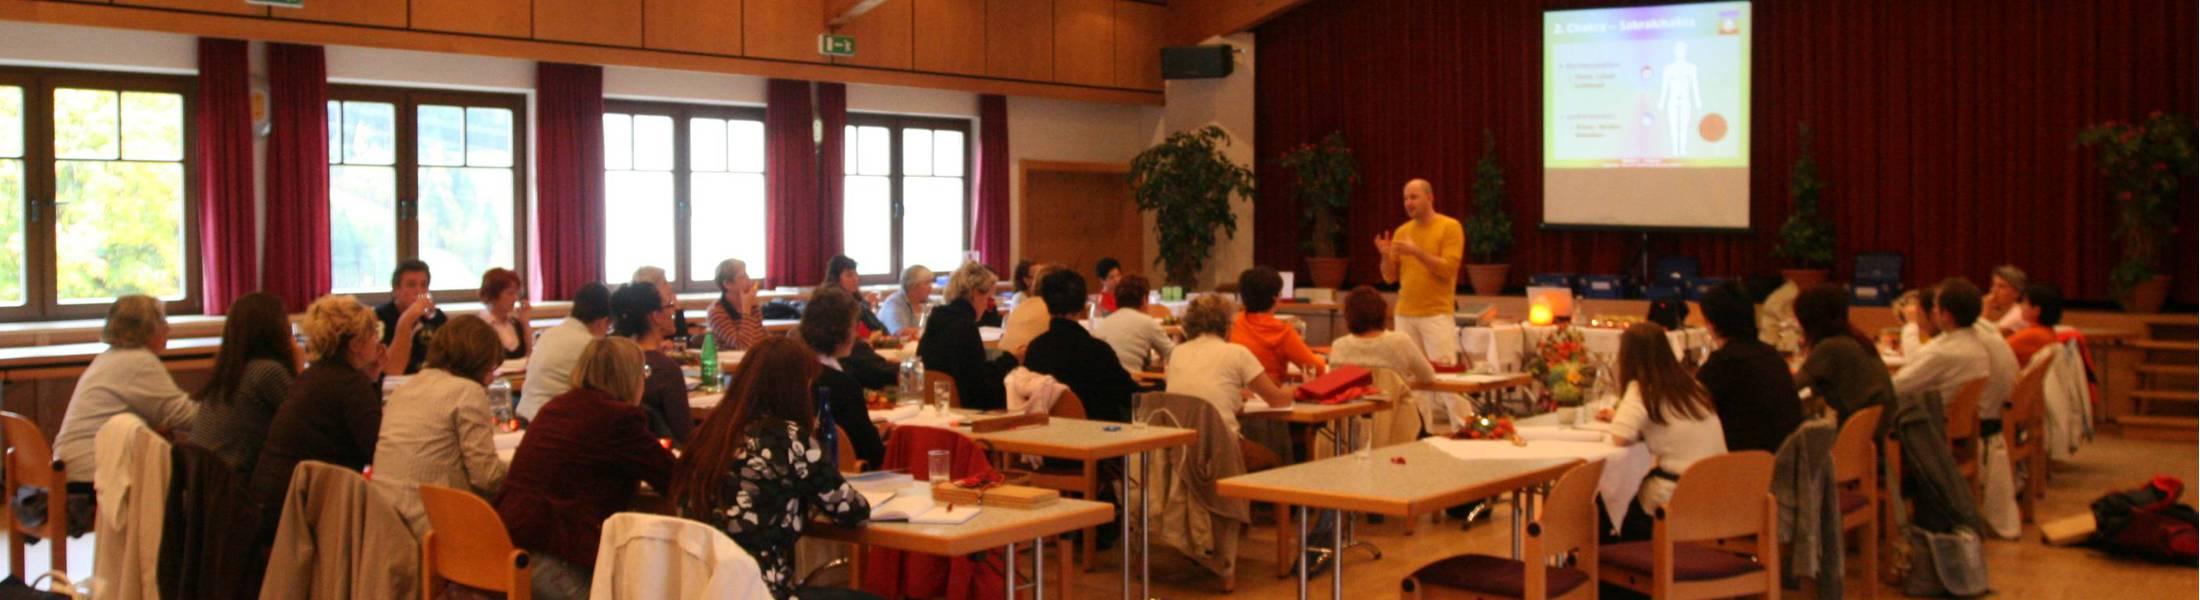 Vorträge und Seminare zur Gesundheit